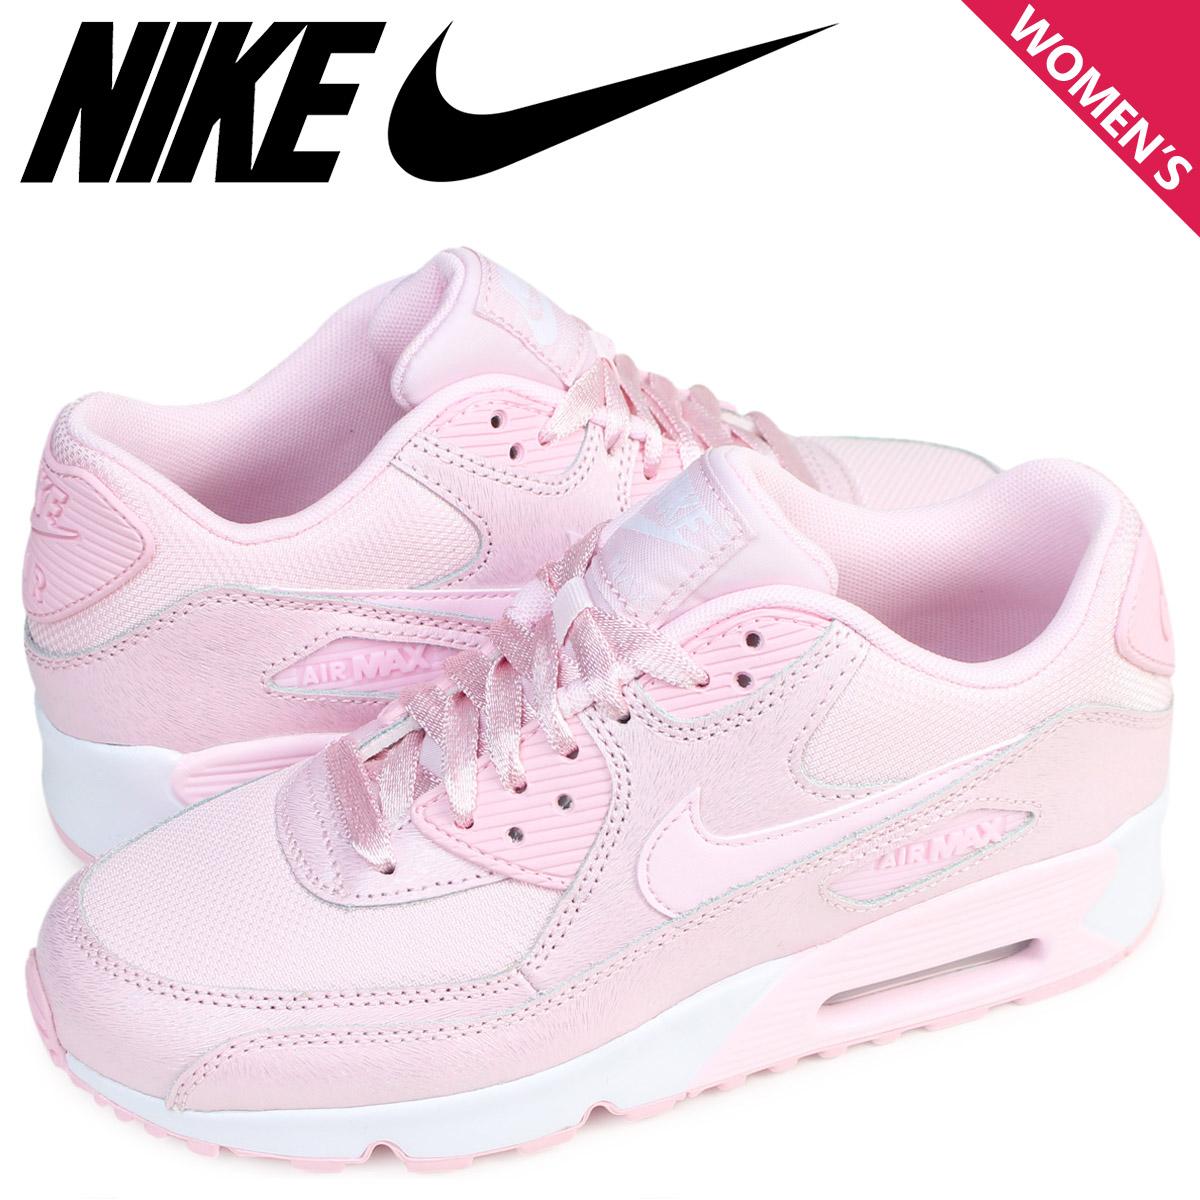 ea04d05794 Nike NIKE Air Max 90 Lady's sneakers AIR MAX 90 SE MESH GS 880,305-600 ...